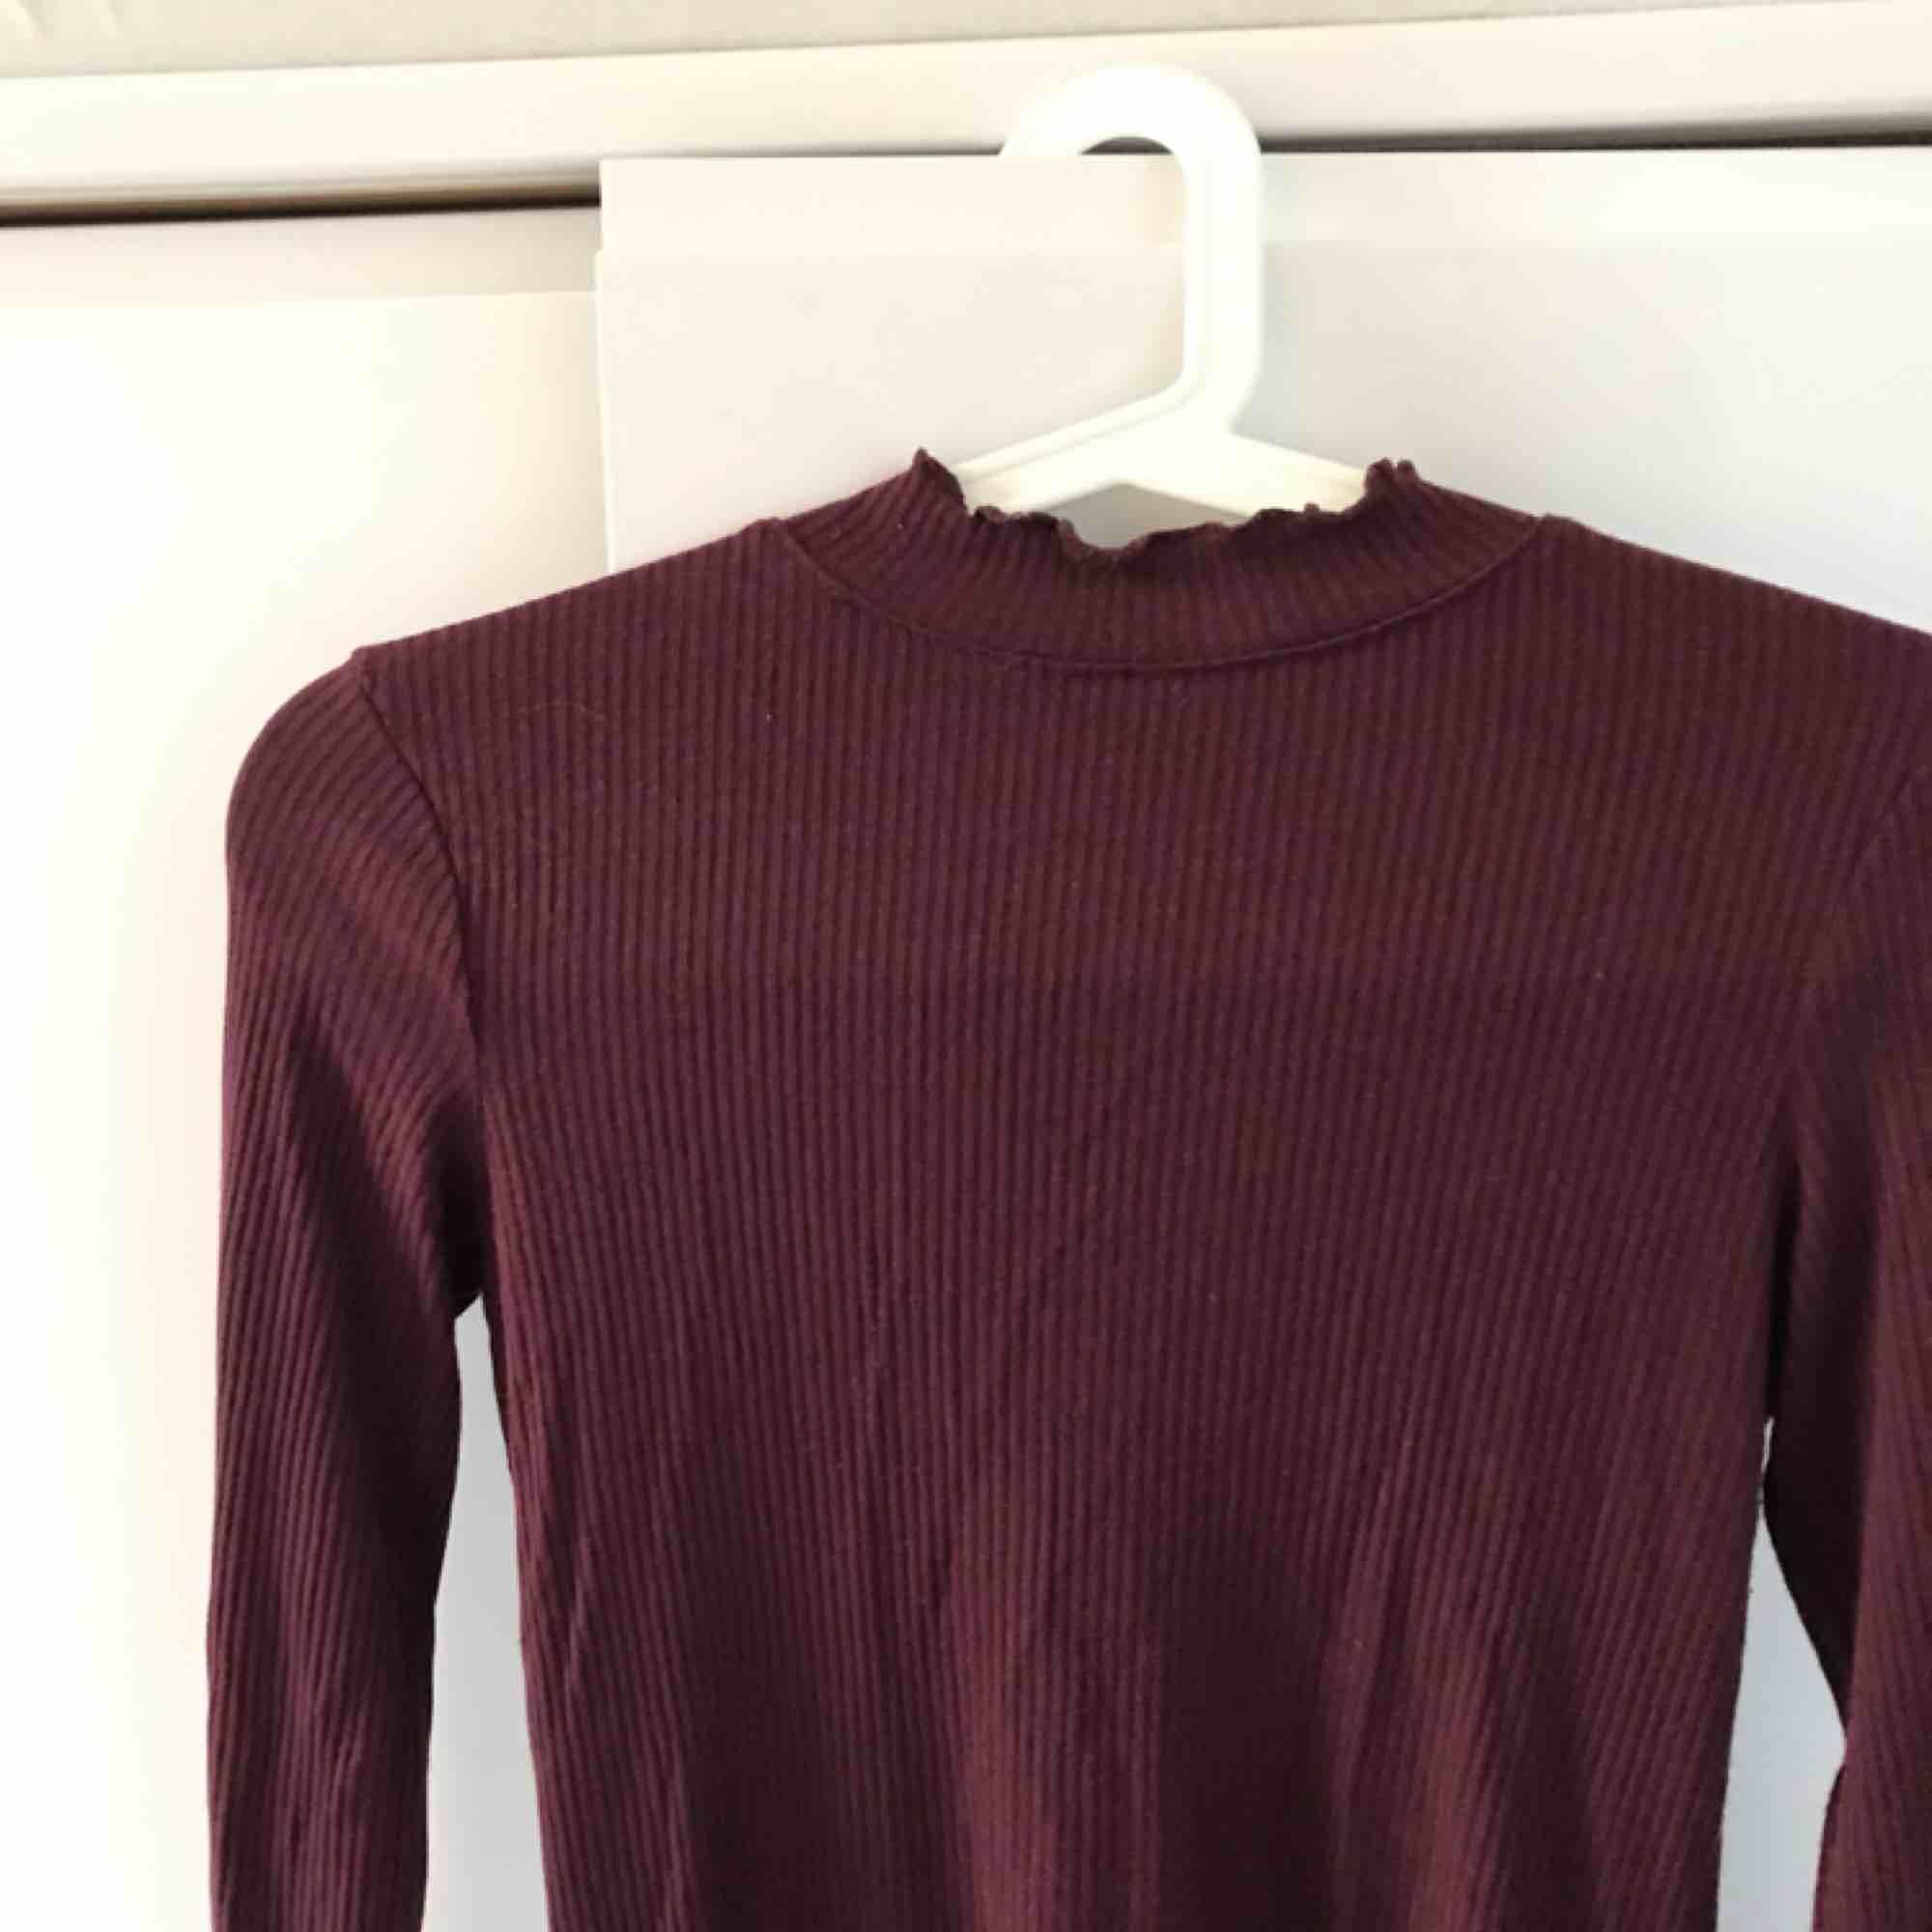 Ribbad vinröd tröja . Tröjor & Koftor.